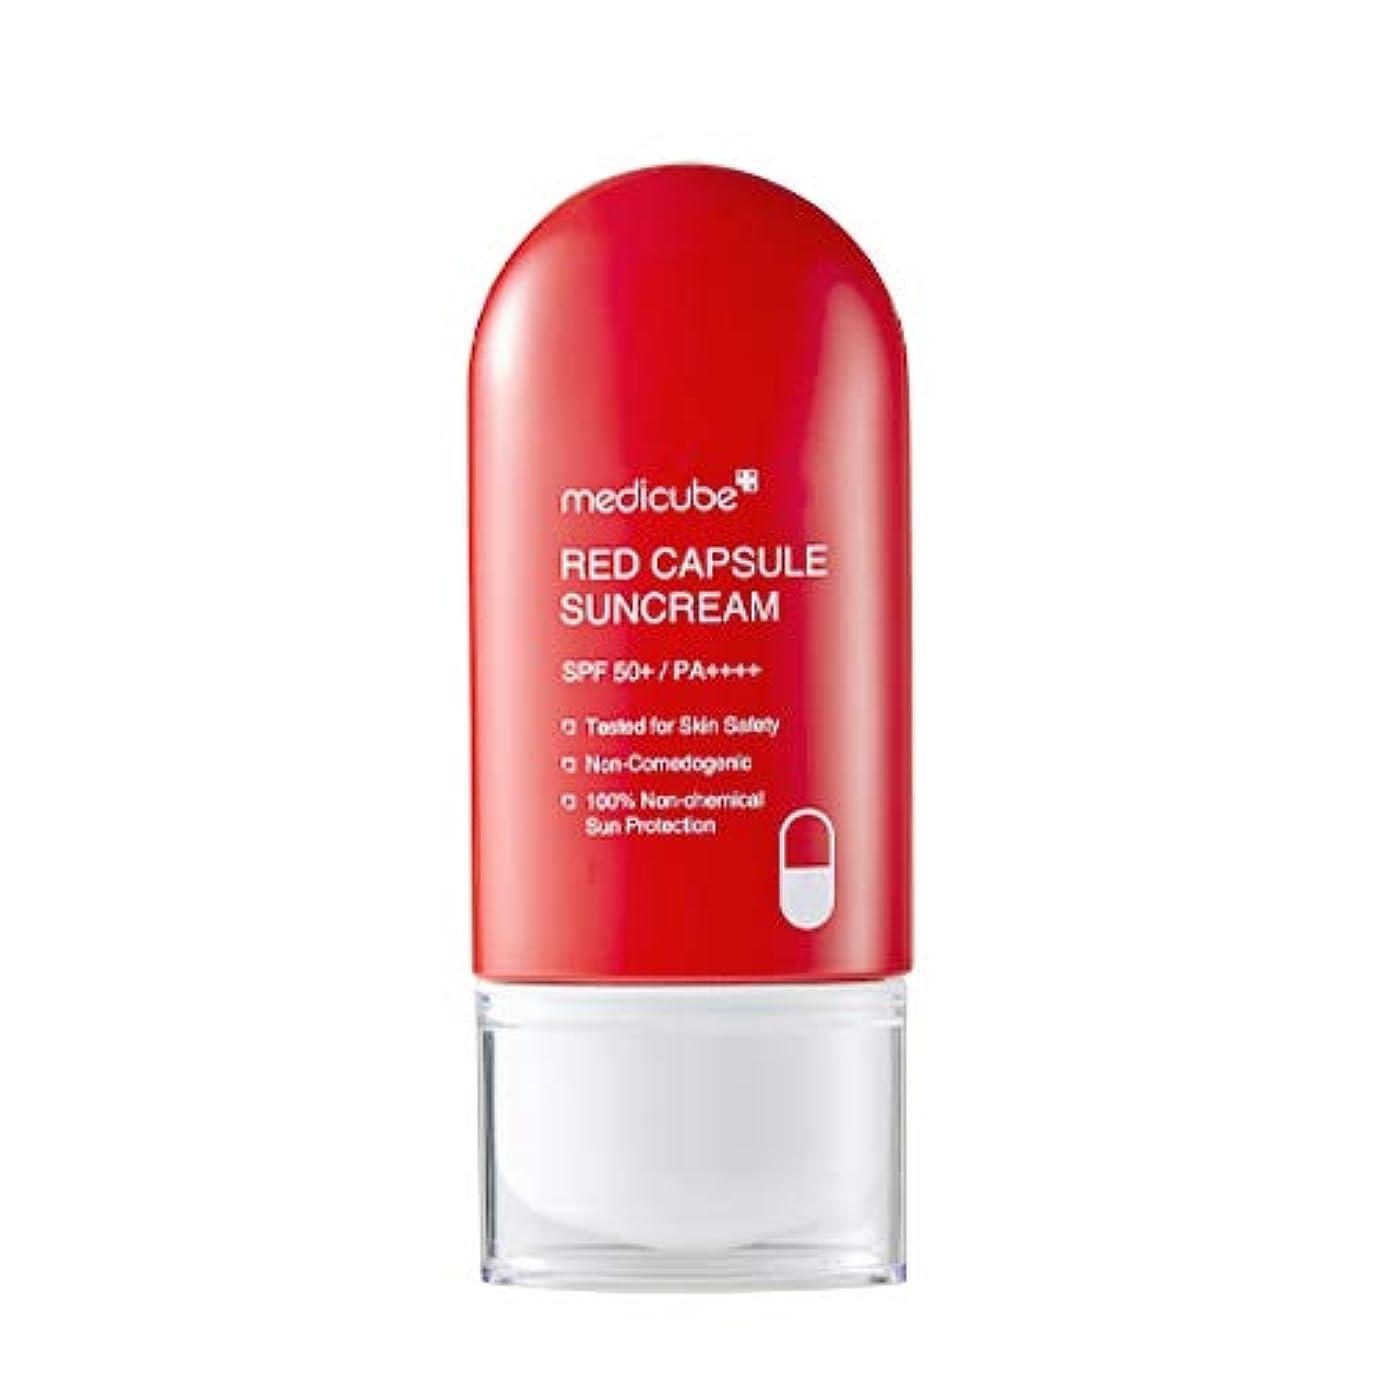 ボウル石化するカルシウム[medicube] Red Capsule Suncream SPF50+/ PA++++ / [メディキューブ] レッドカプセルサンクリーム SPF50+/ PA++++ [並行輸入品]